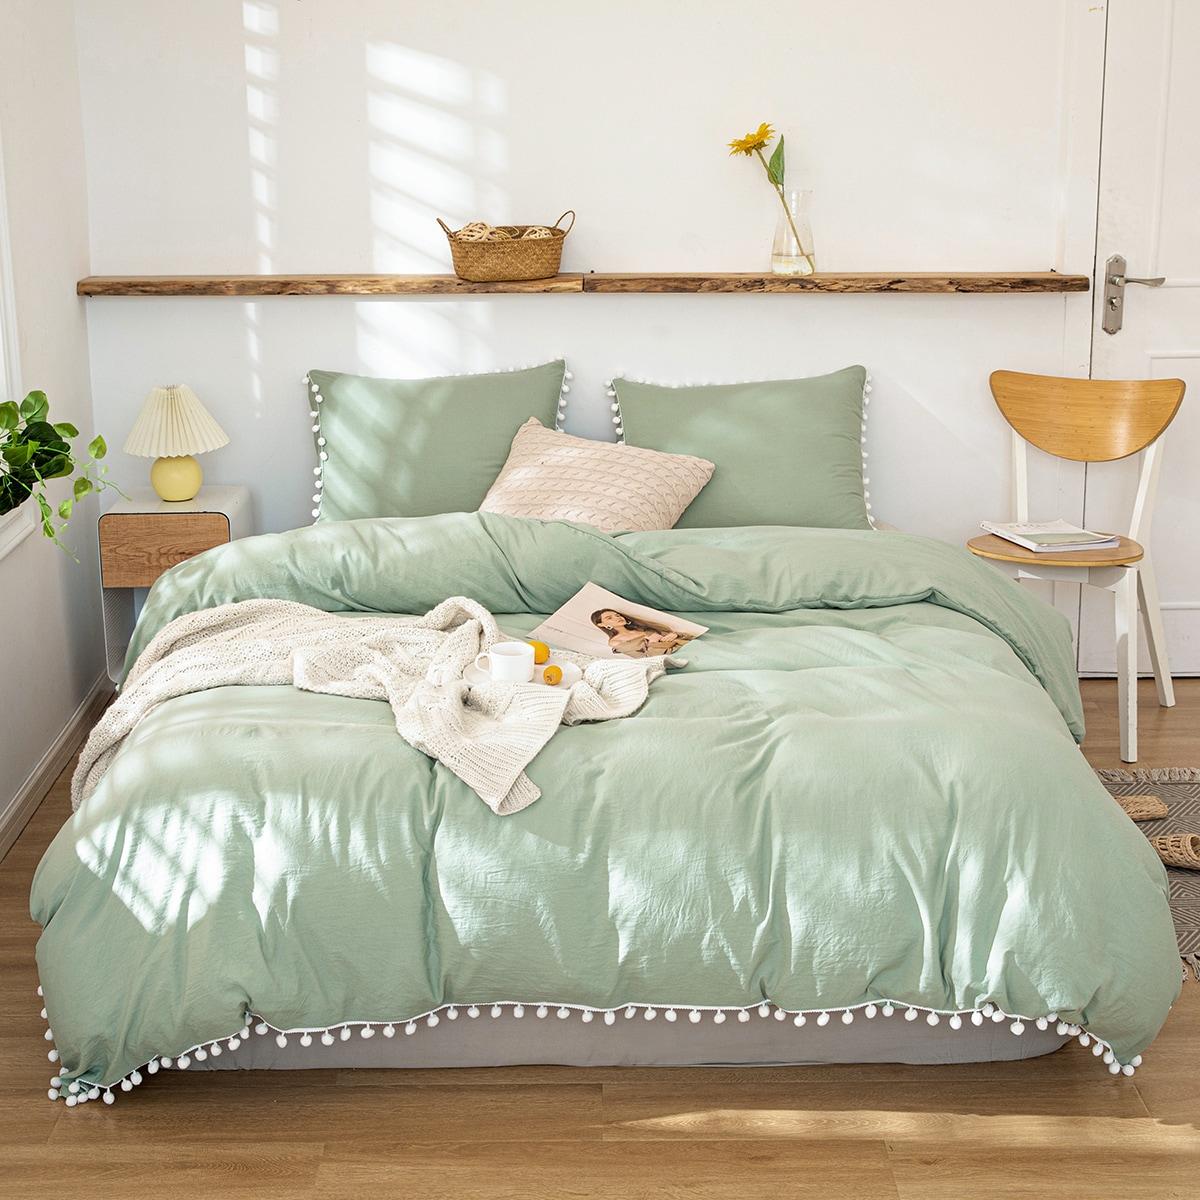 Однотонный комплект постельного белья с помпоном без наполнителя фото